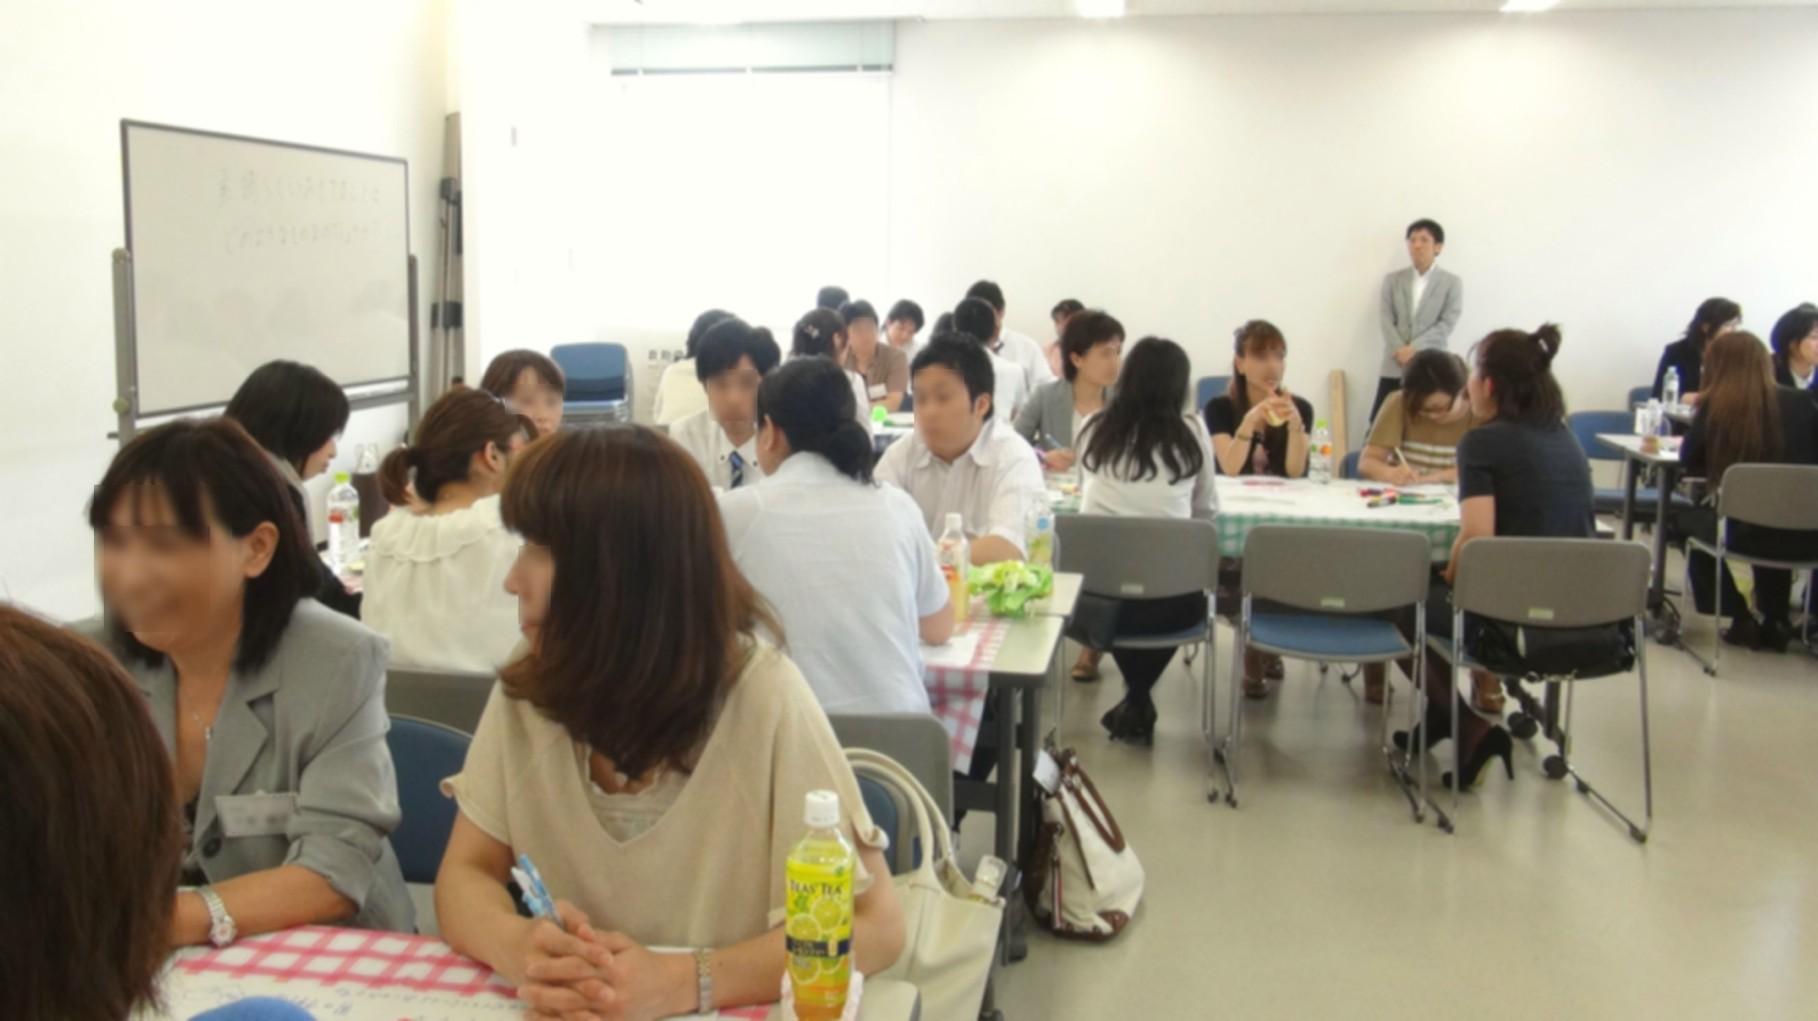 会議室で普段行うミーティングとは違い、和気あいあいとした雰囲気で行いますので、参加者の笑顔が多いのも特徴です。